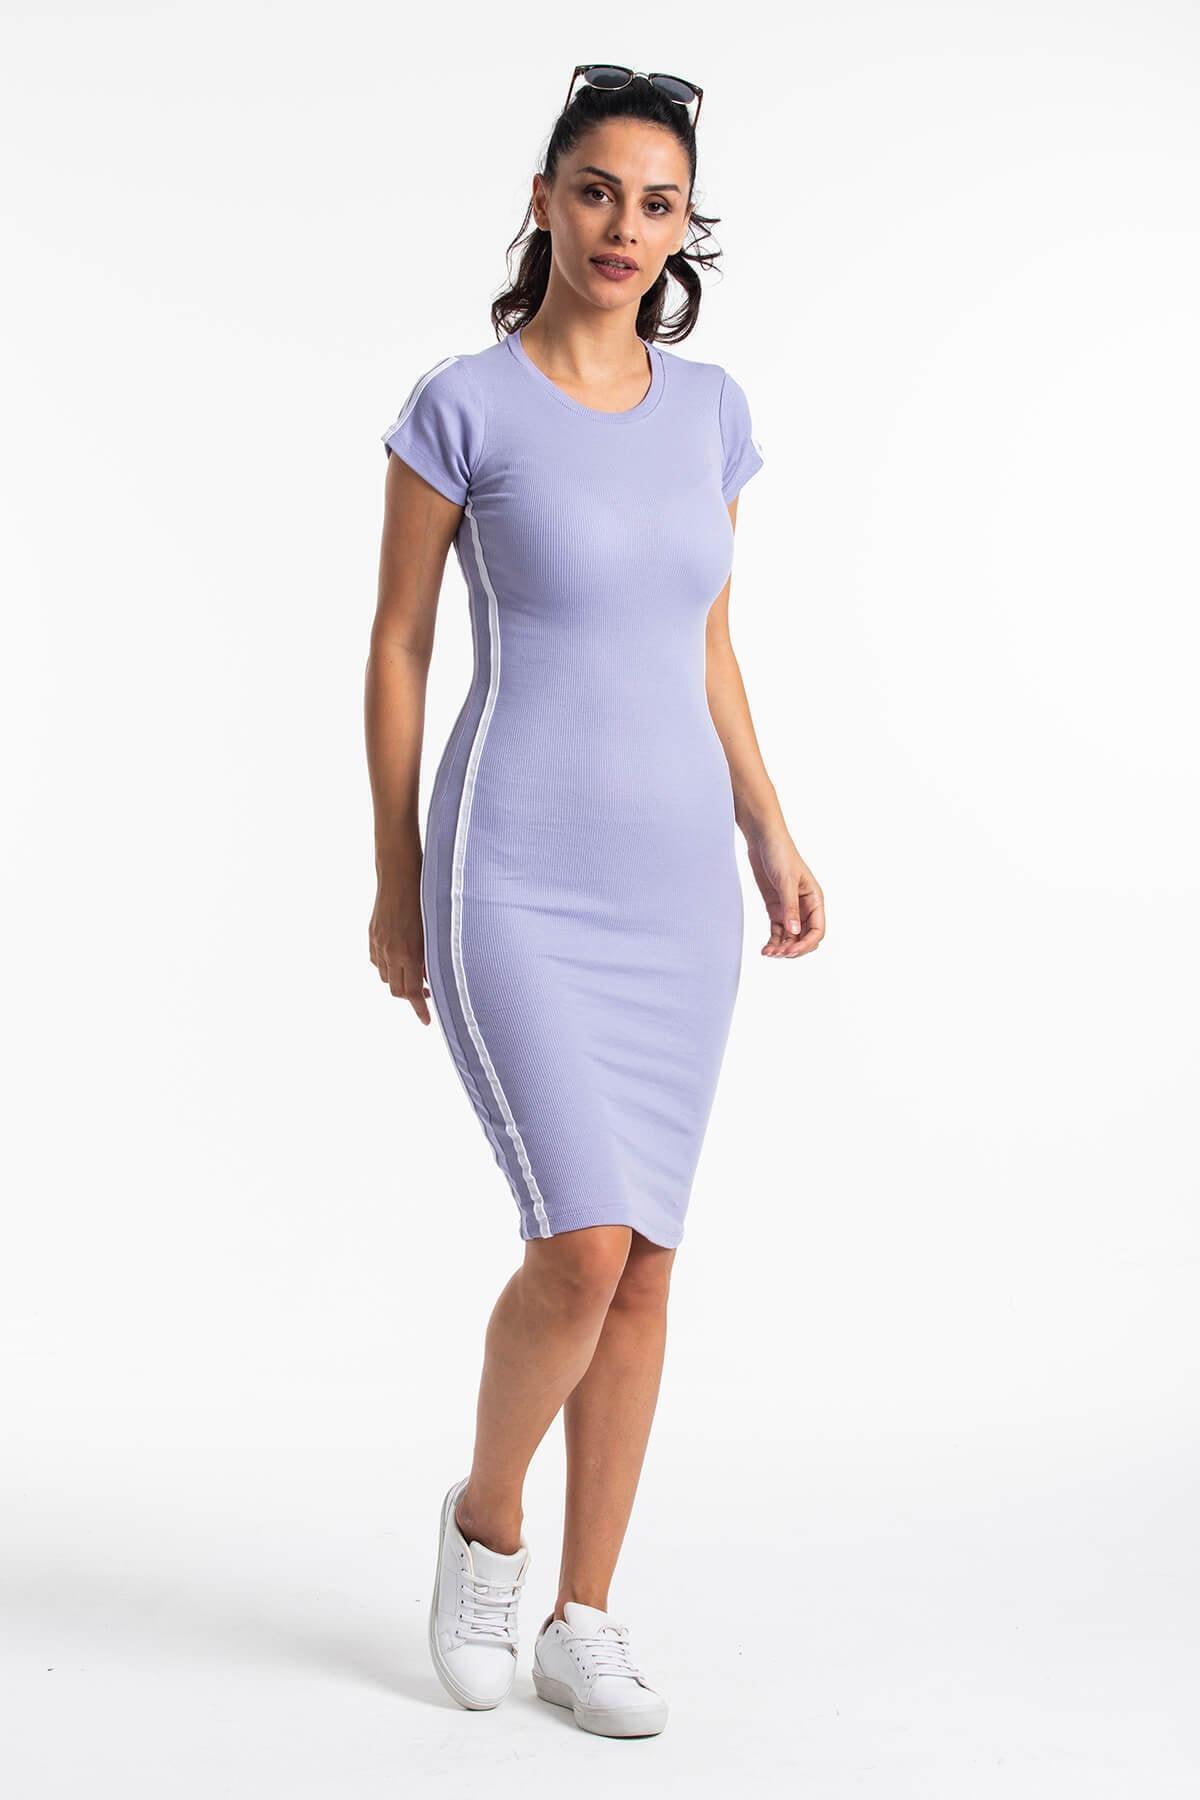 Mossta Kadın Lila Kısa Kol Kaşkorse Elbise 1